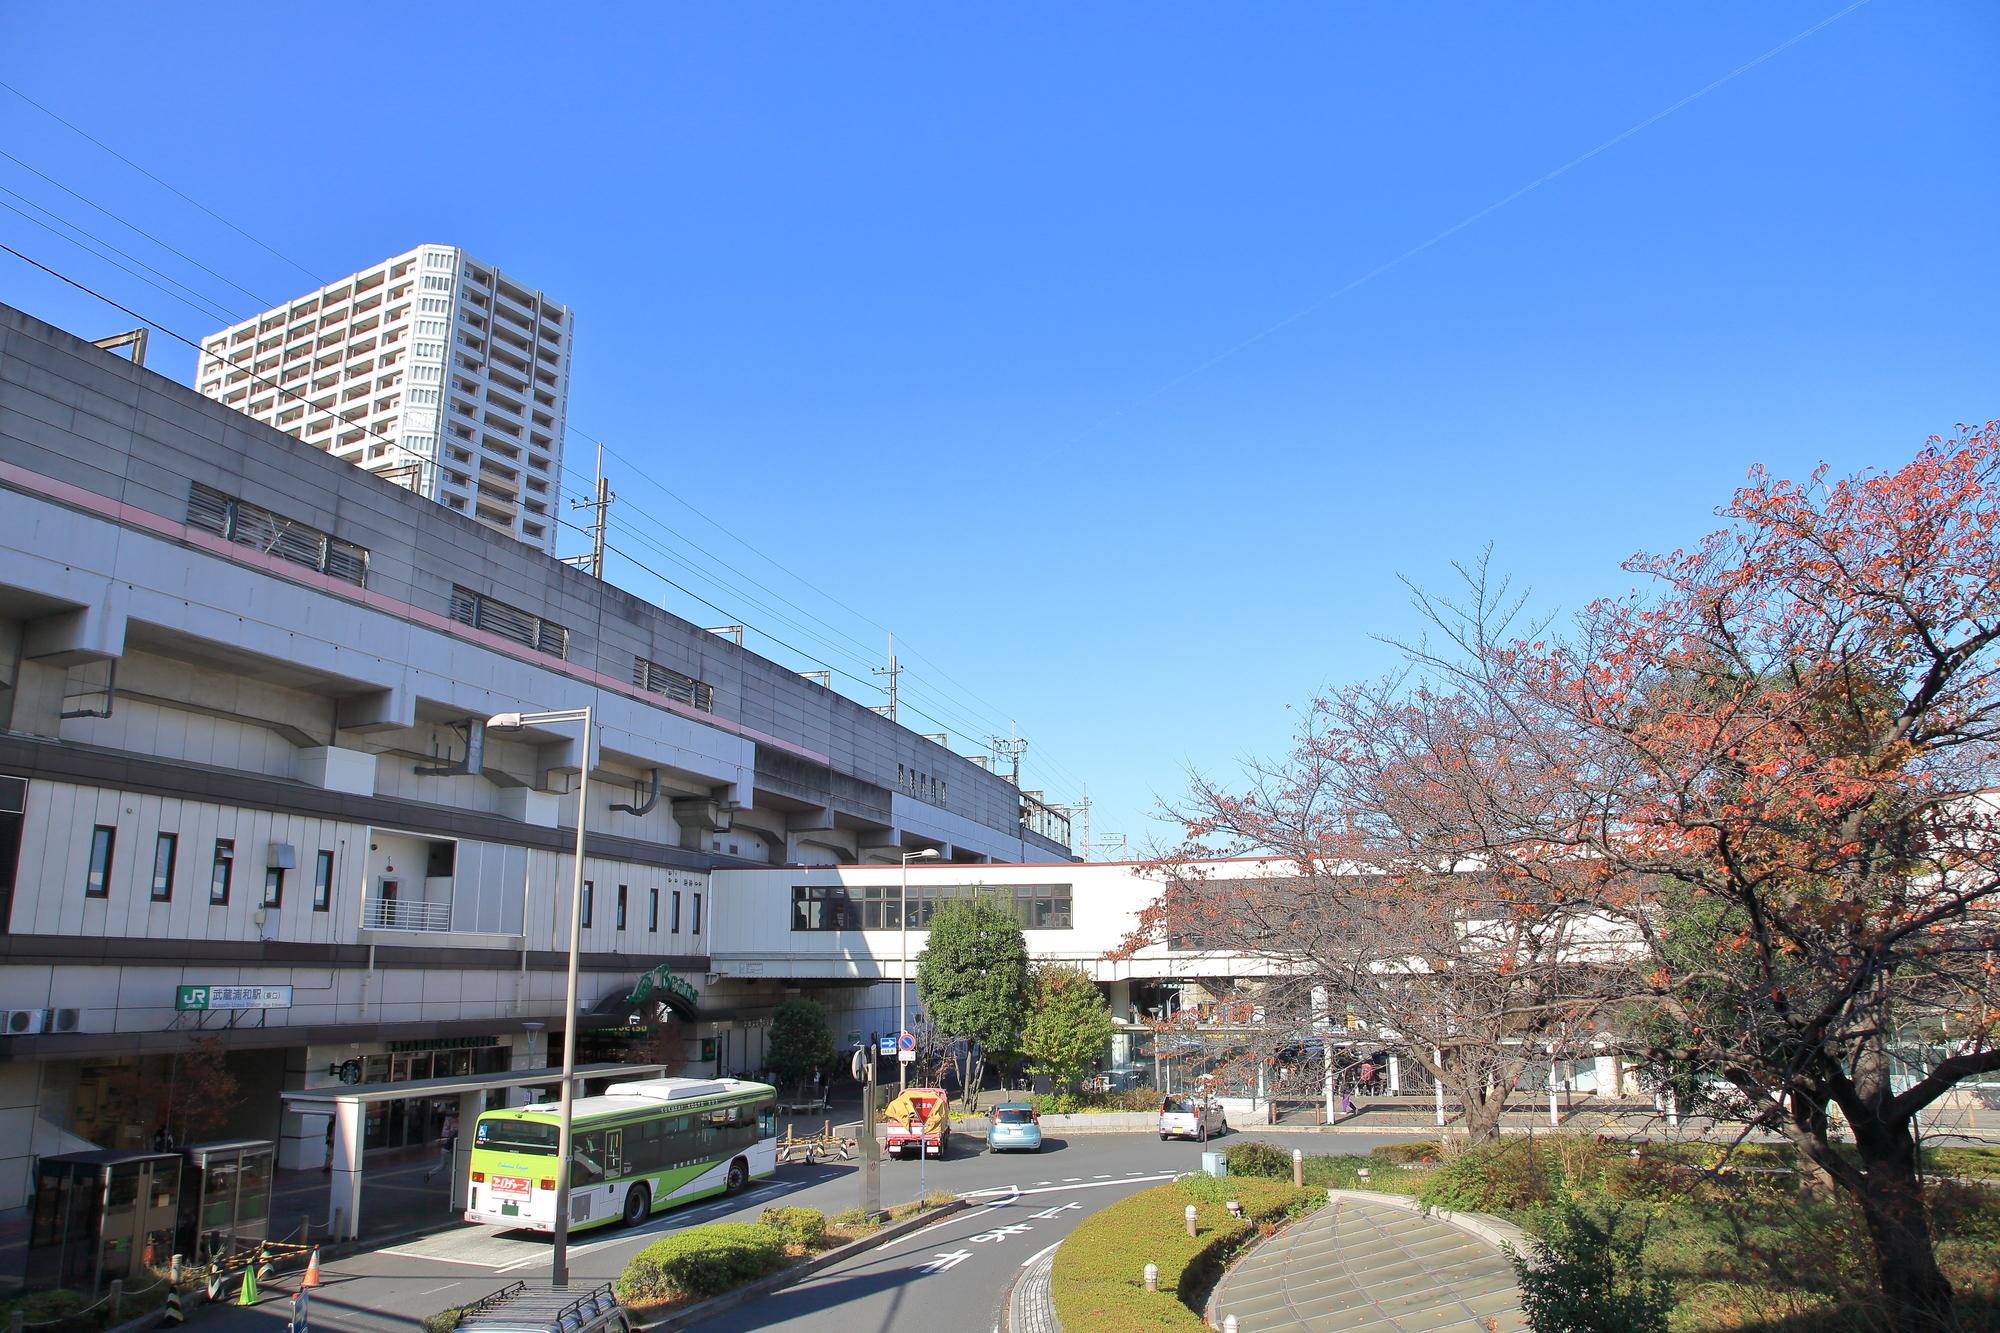 土曜に通院したい方へ!武蔵浦和駅の歯医者さん、おすすめポイント紹介